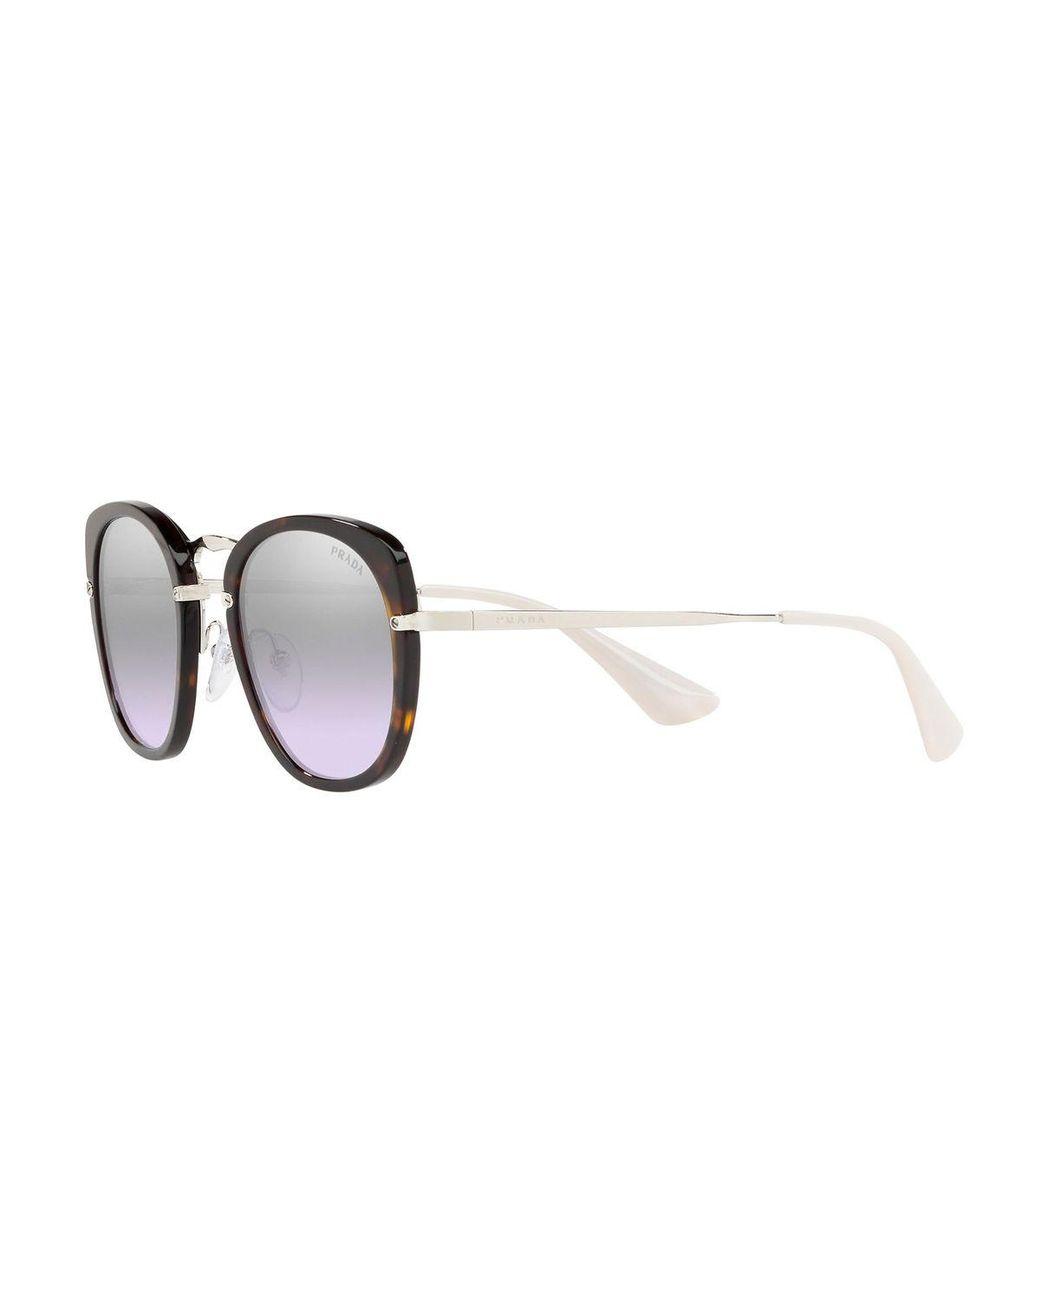 2a672b53f6ec8 Prada Mirrored Metal Butterfly Sunglasses - Lyst